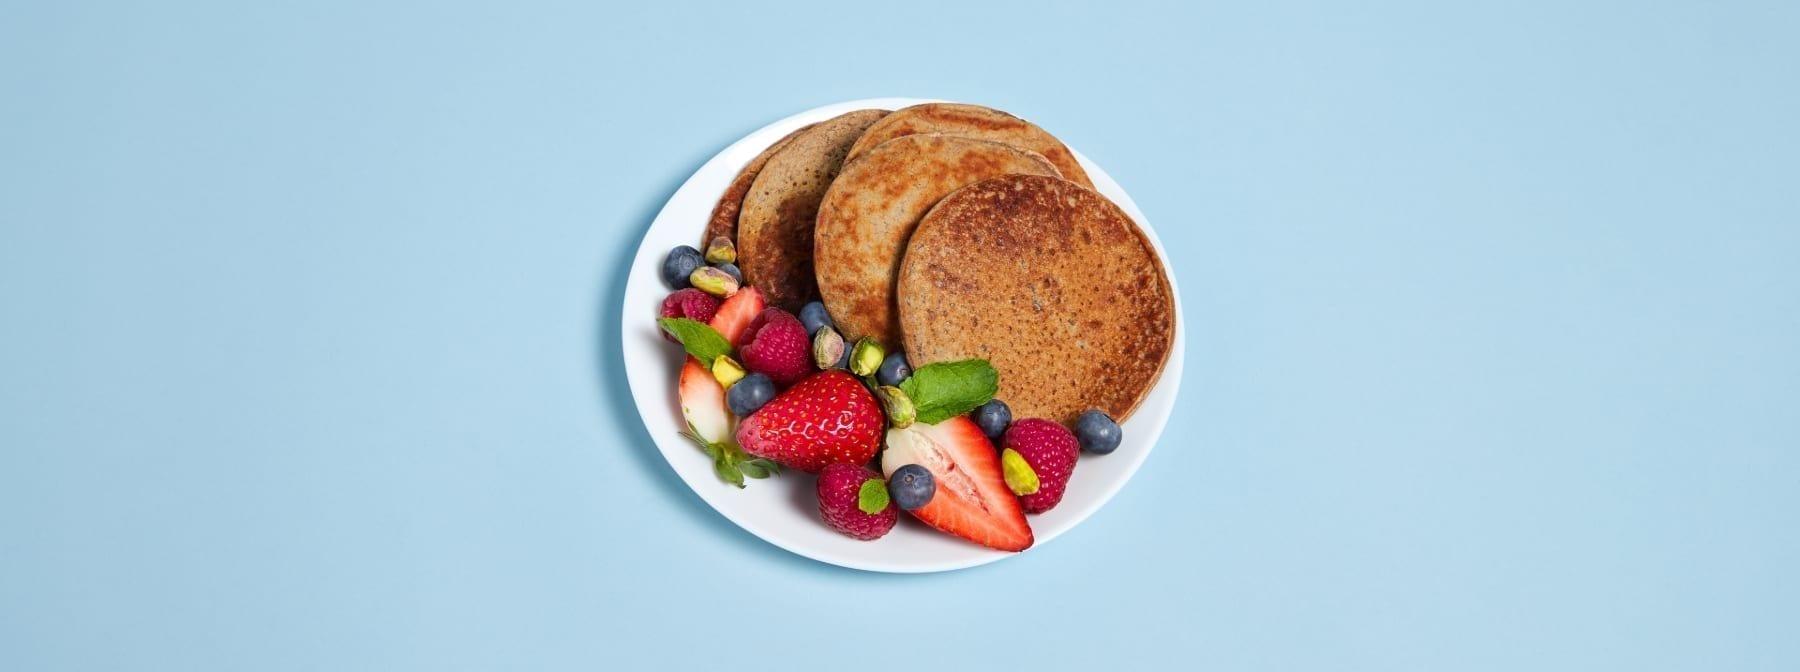 Wie du die perfekten veganen Pancakes zubereitest